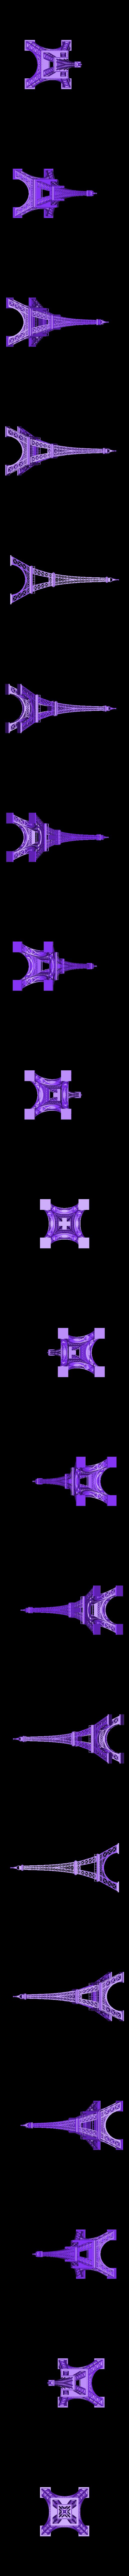 EiffelTower_fixed.stl Télécharger fichier STL gratuit tour Eiffel • Design pour imprimante 3D, Palemar